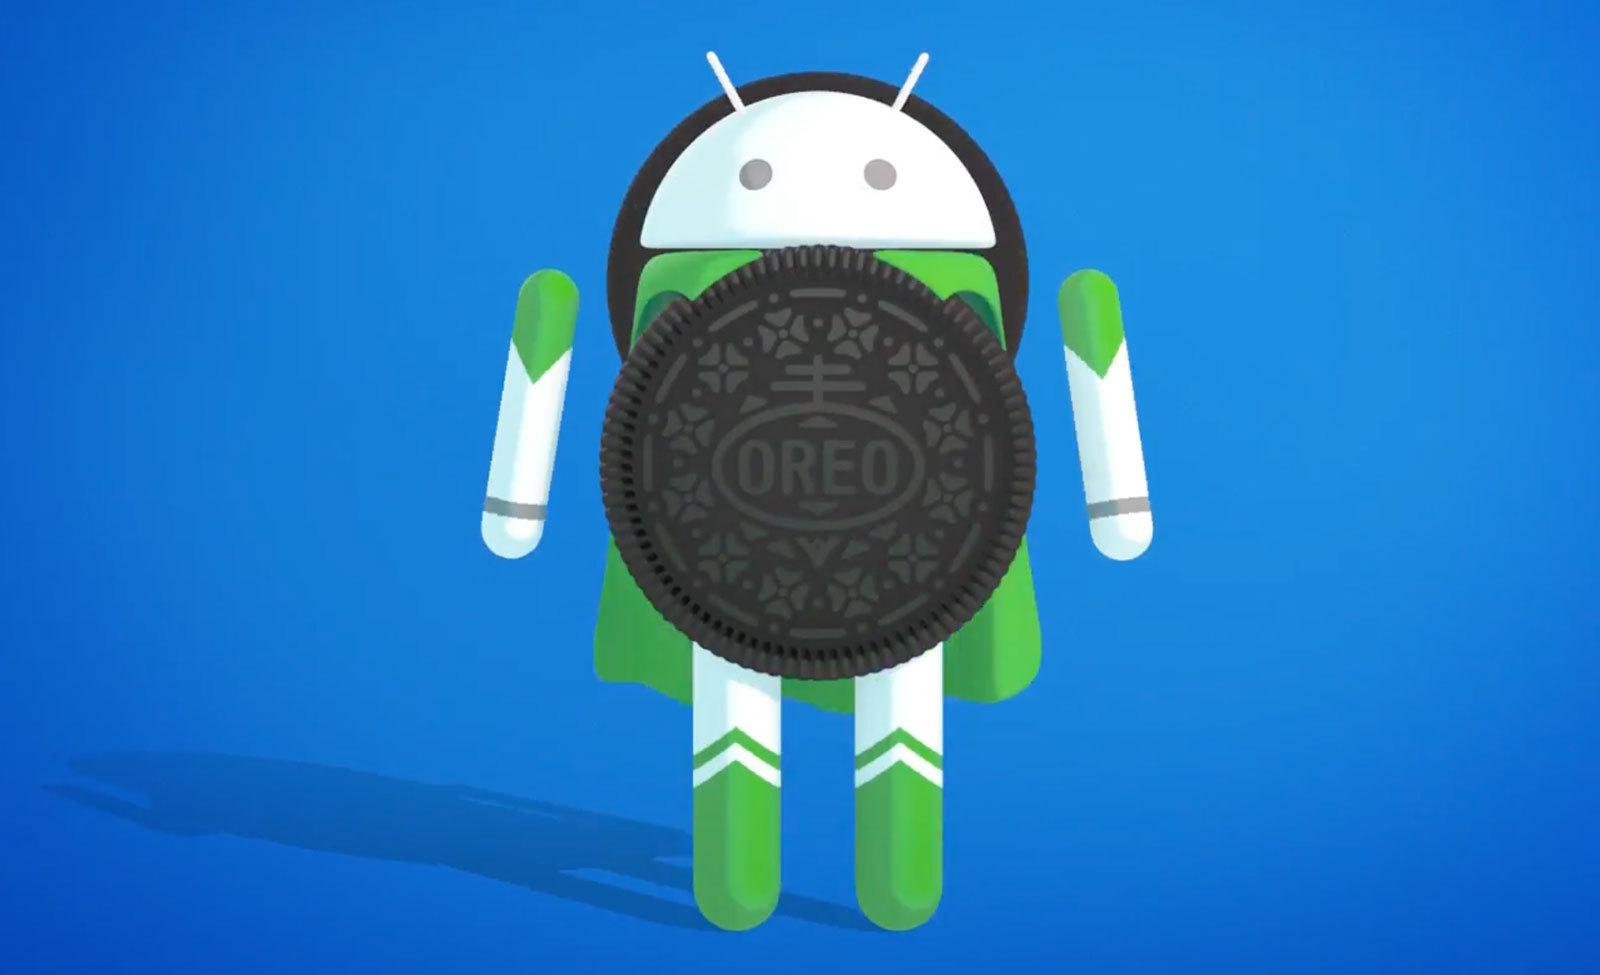 Uus Android 8.0 Oreo peagi tulekul